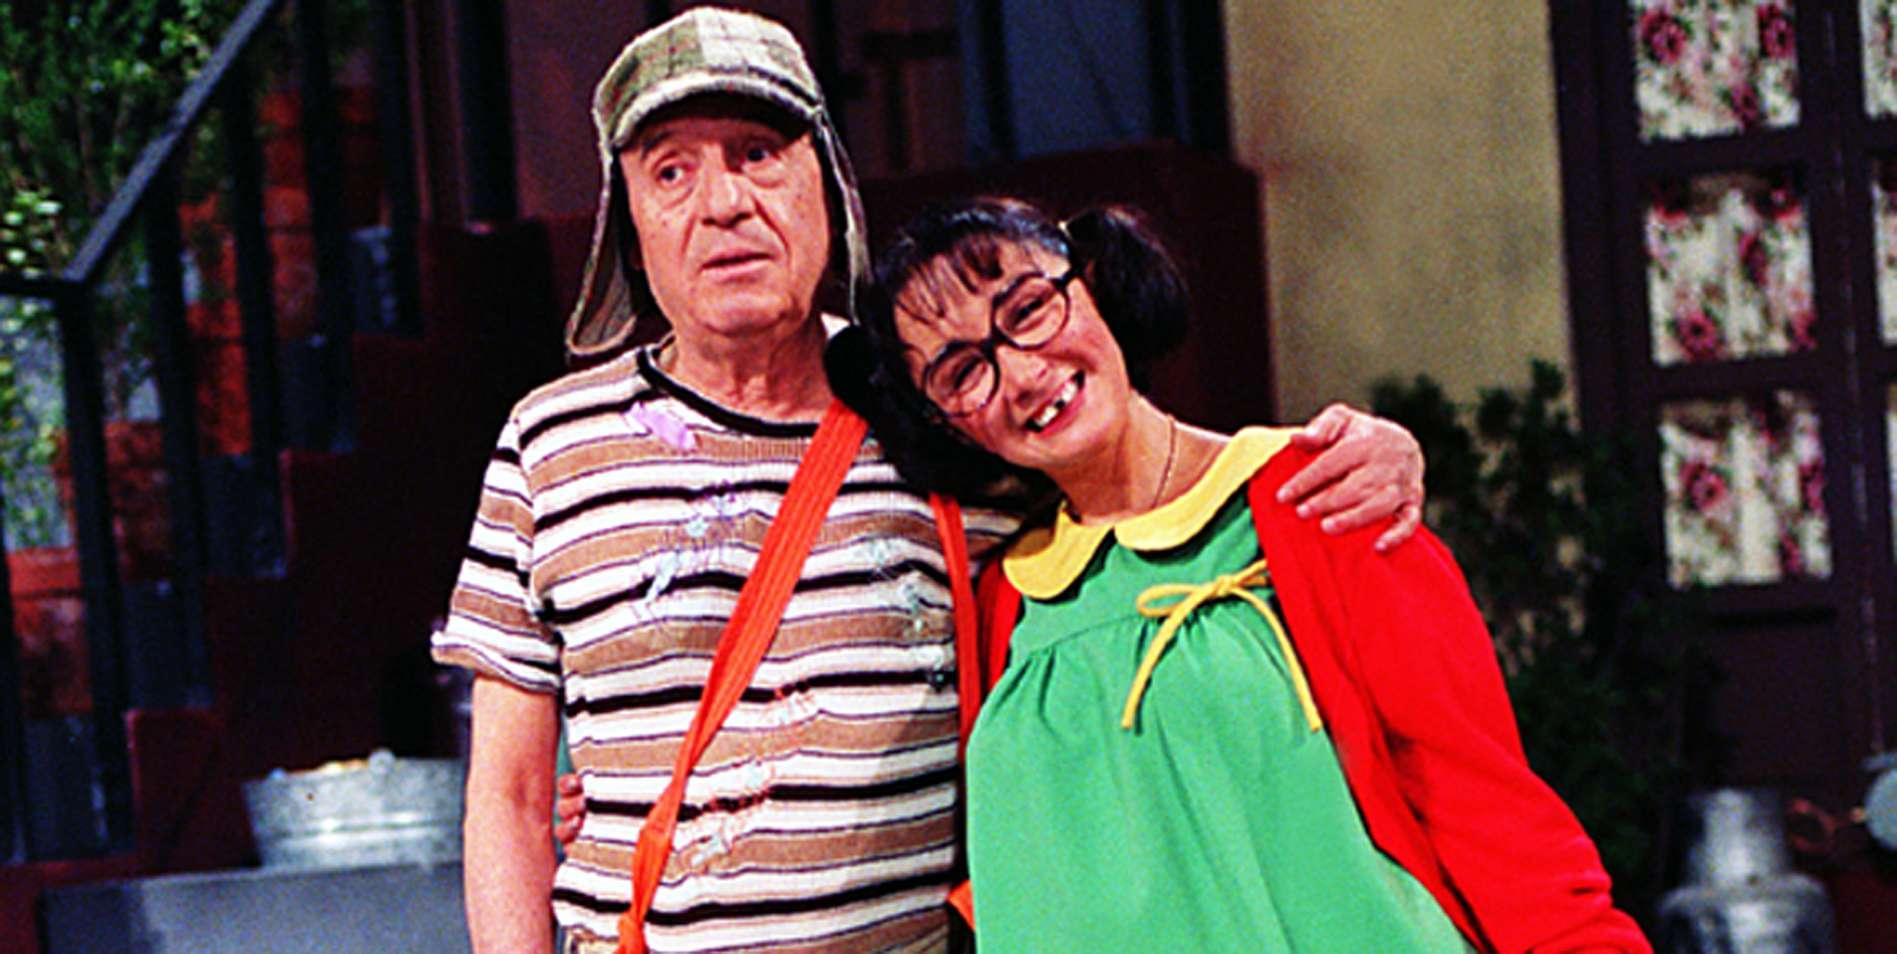 María Antonieta de las Nieves / Roberto Gómez Bolaños 'Chespirito'. Foto: Televisa